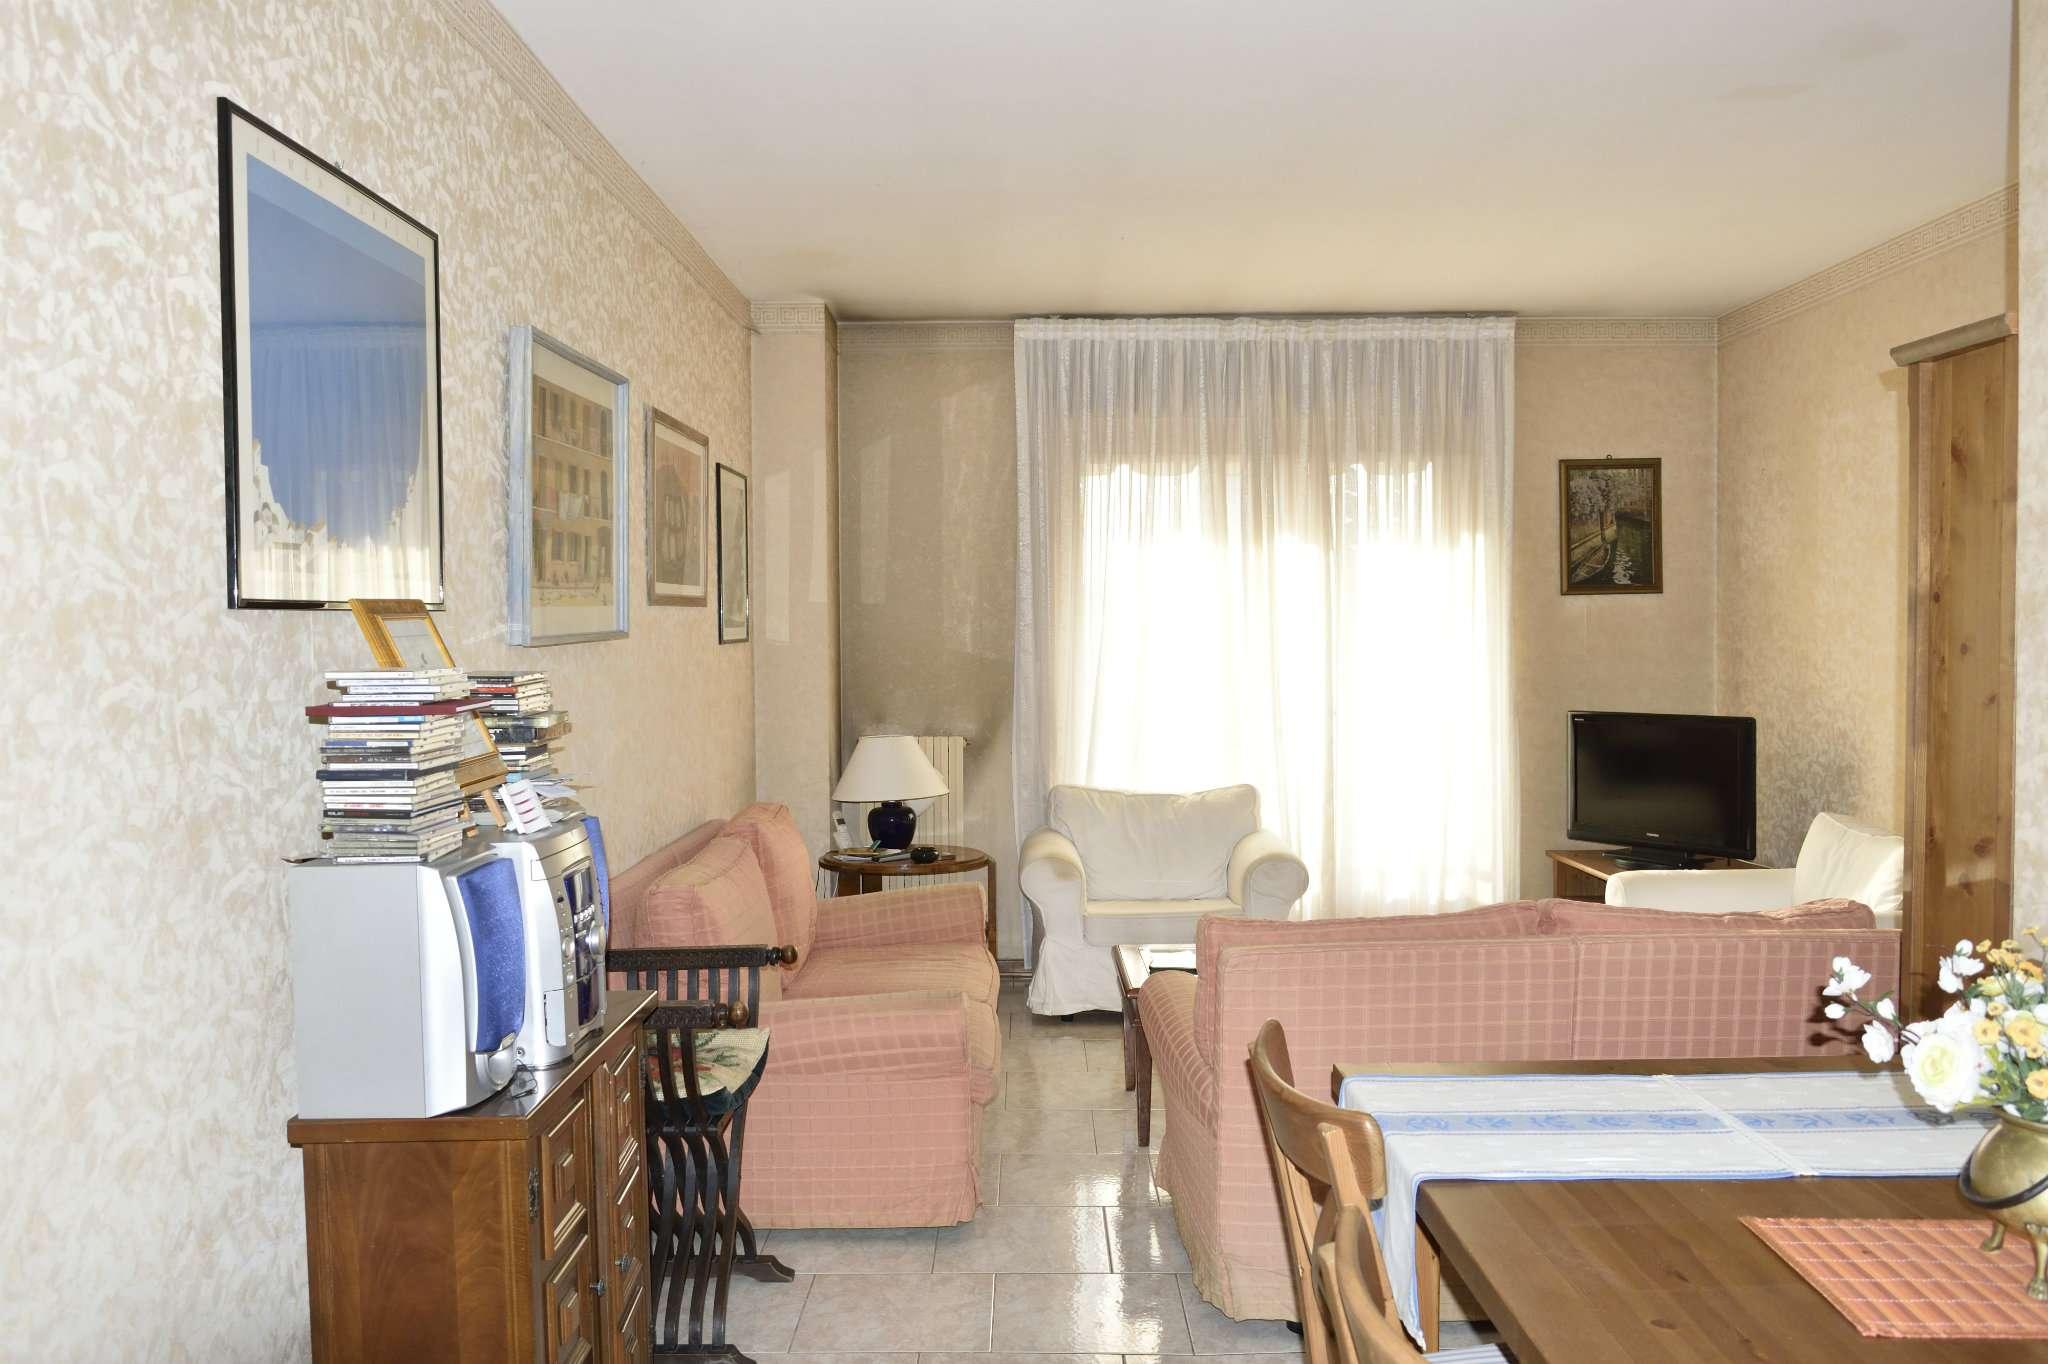 Appartamento in vendita indirizzo su richiesta Venaria Reale